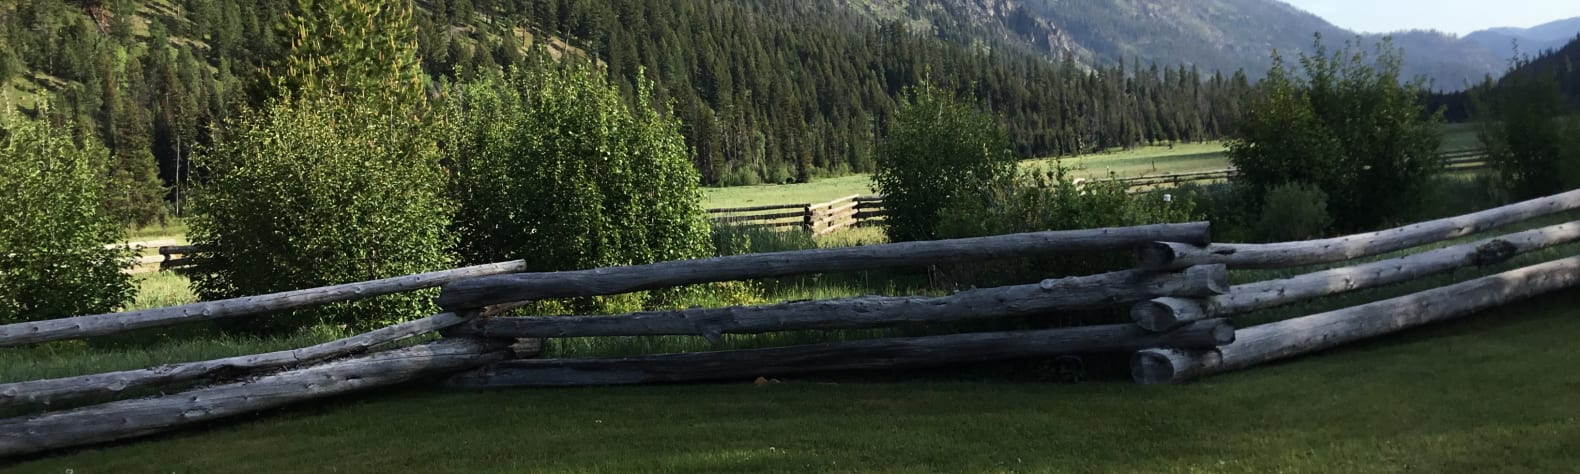 Wapiti Meadow Ranch